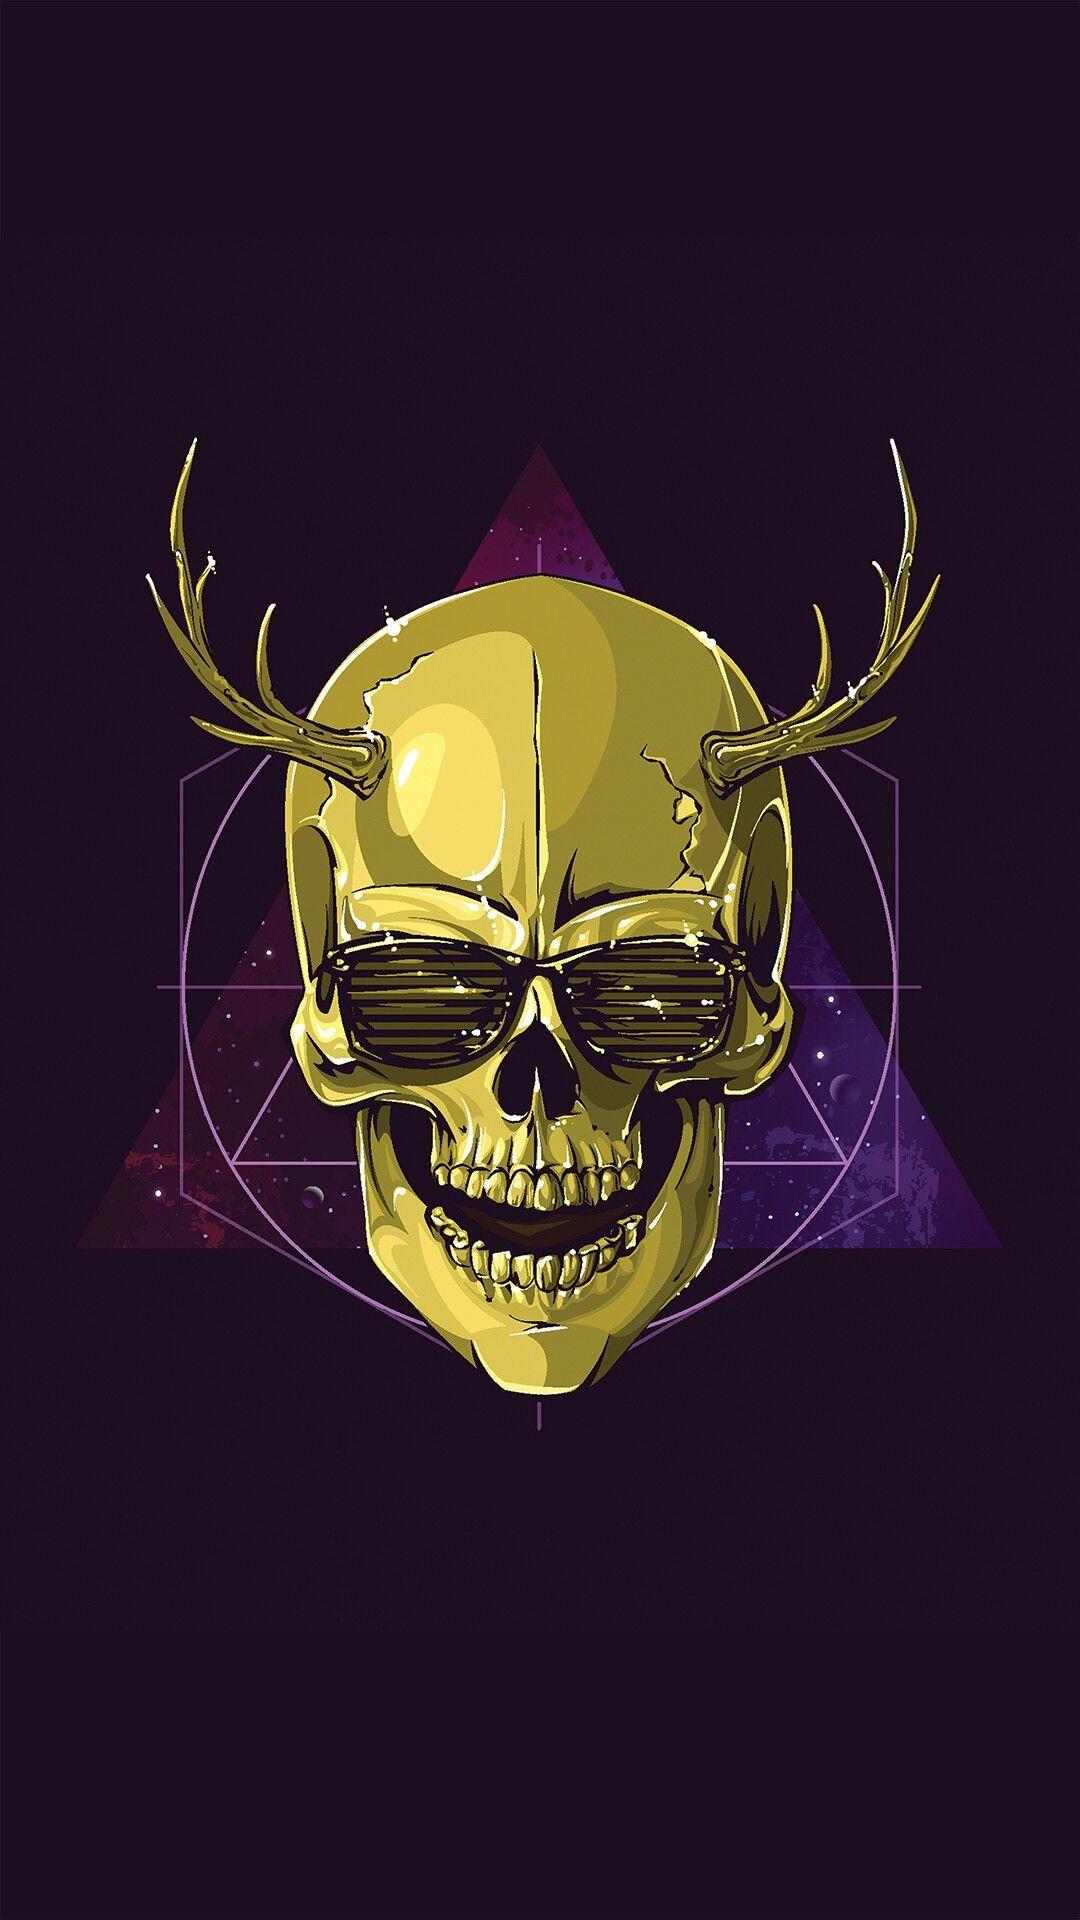 Pin by Amy James on Artwork: Skulls | Skull wallpaper ...